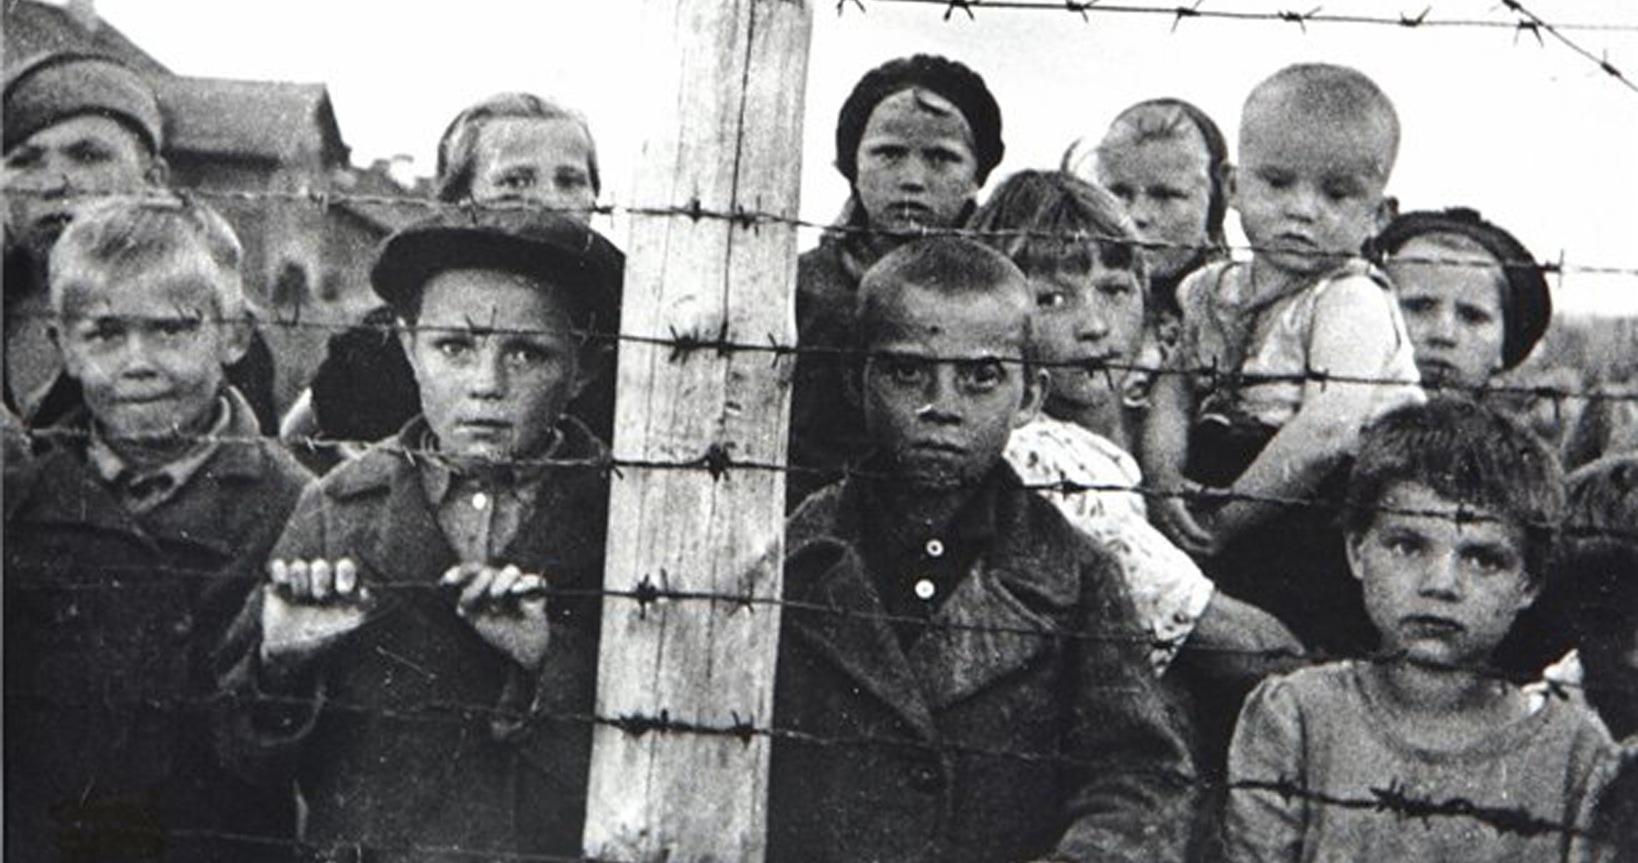 Турушкин  Леонид Петрович (в центре фото в первом ряду в черной рубашке с пуговицами)